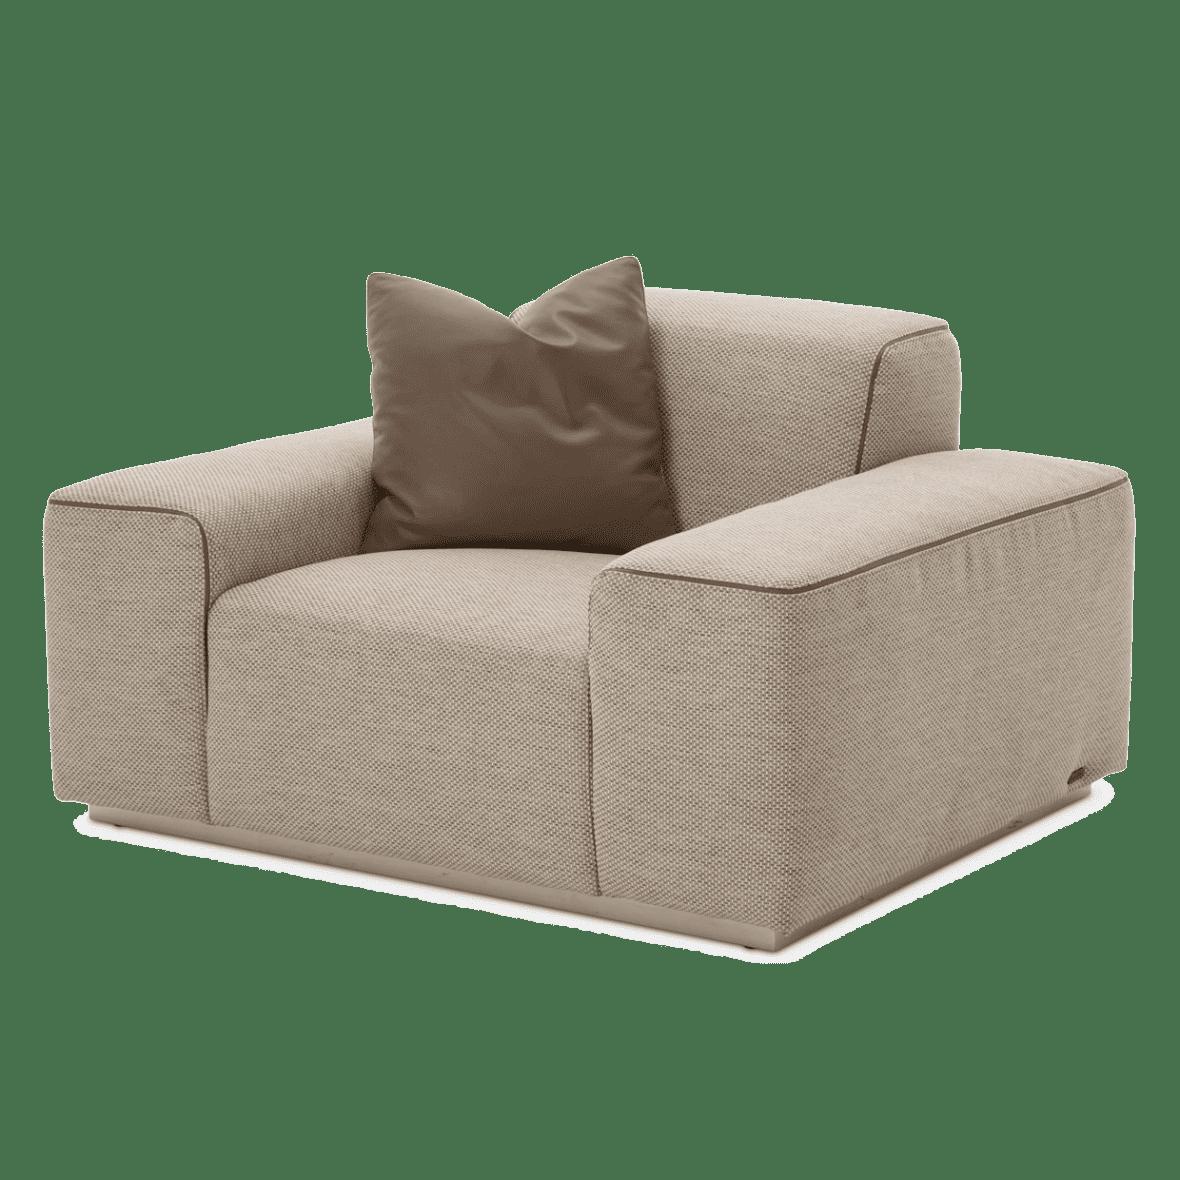 Eclipse Кресло для чтения, обивка ткань